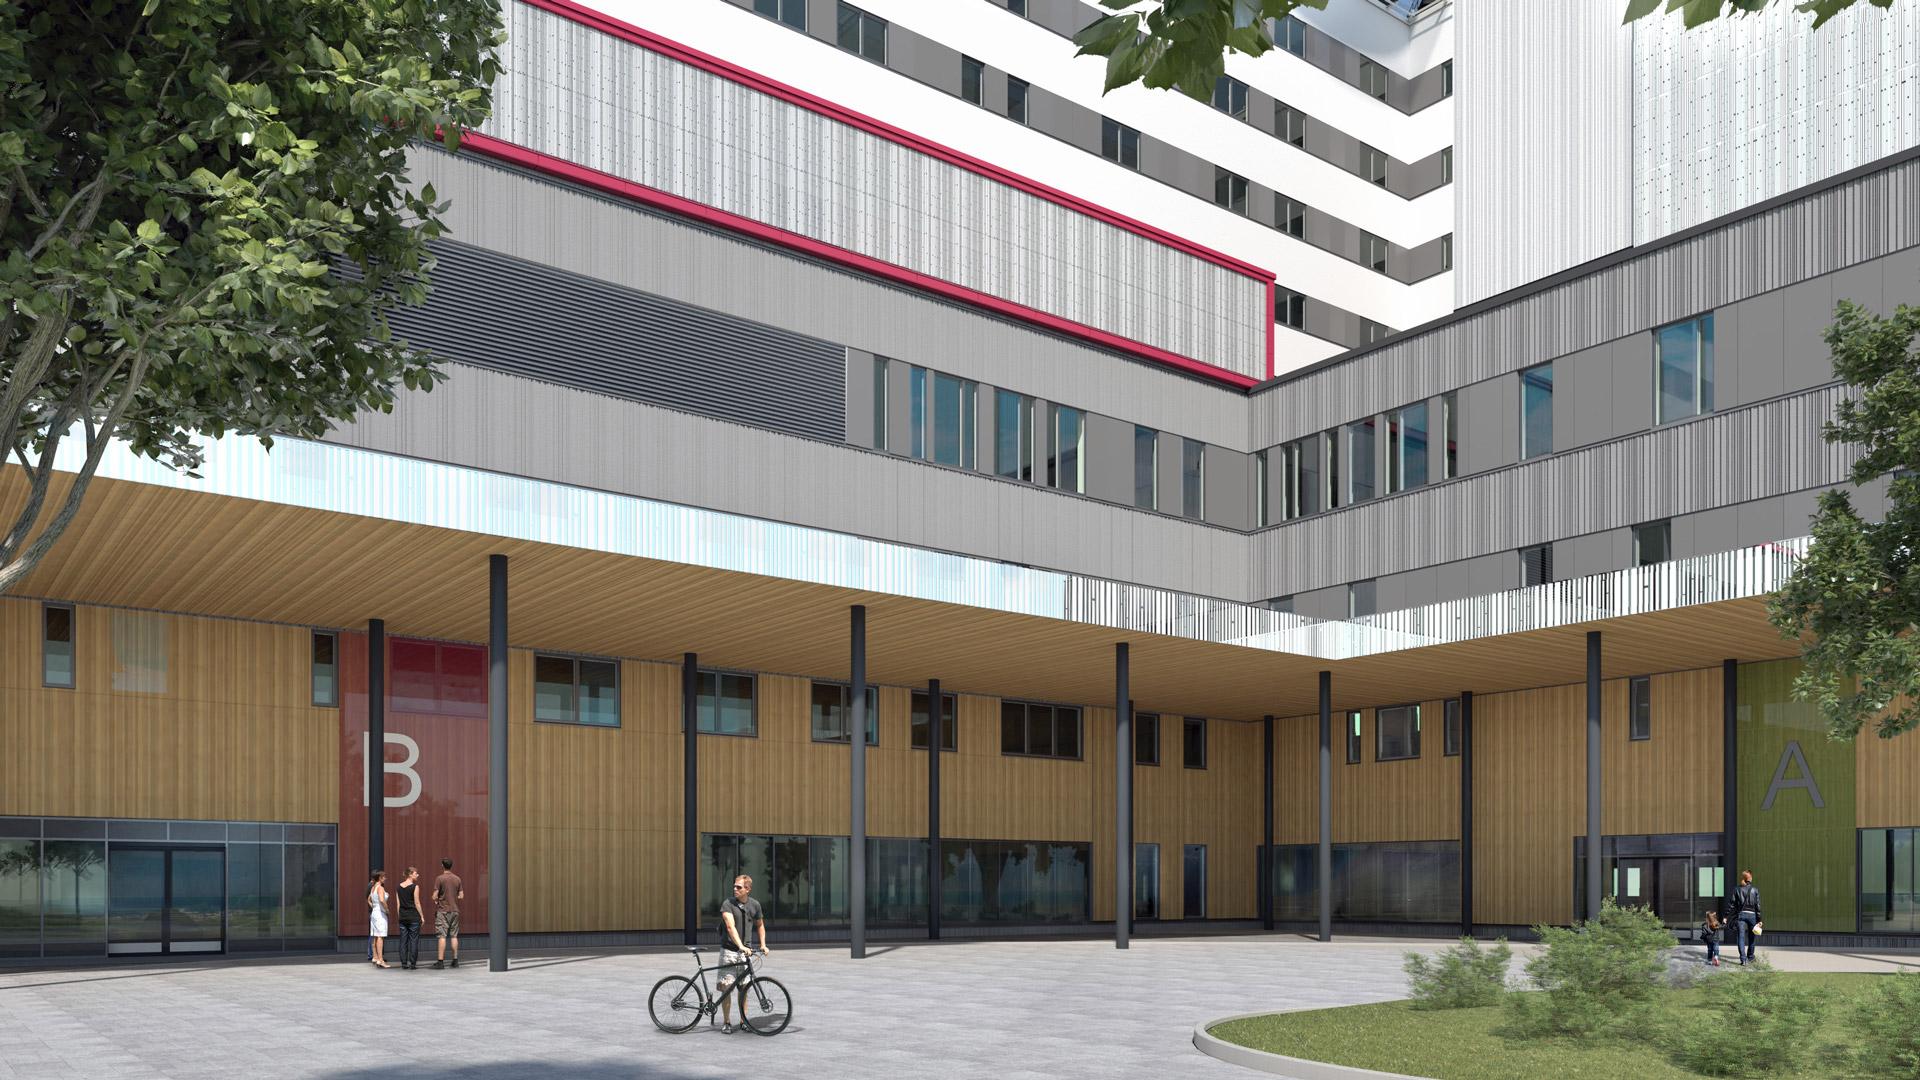 Havainnekuva OYS tulevaisuuden sairaalan ensimmäisen vaiheen suunnitelmista. Kuvassa ensimmäinen vaiheen sisäänkäynti sisäpihan puolelta.